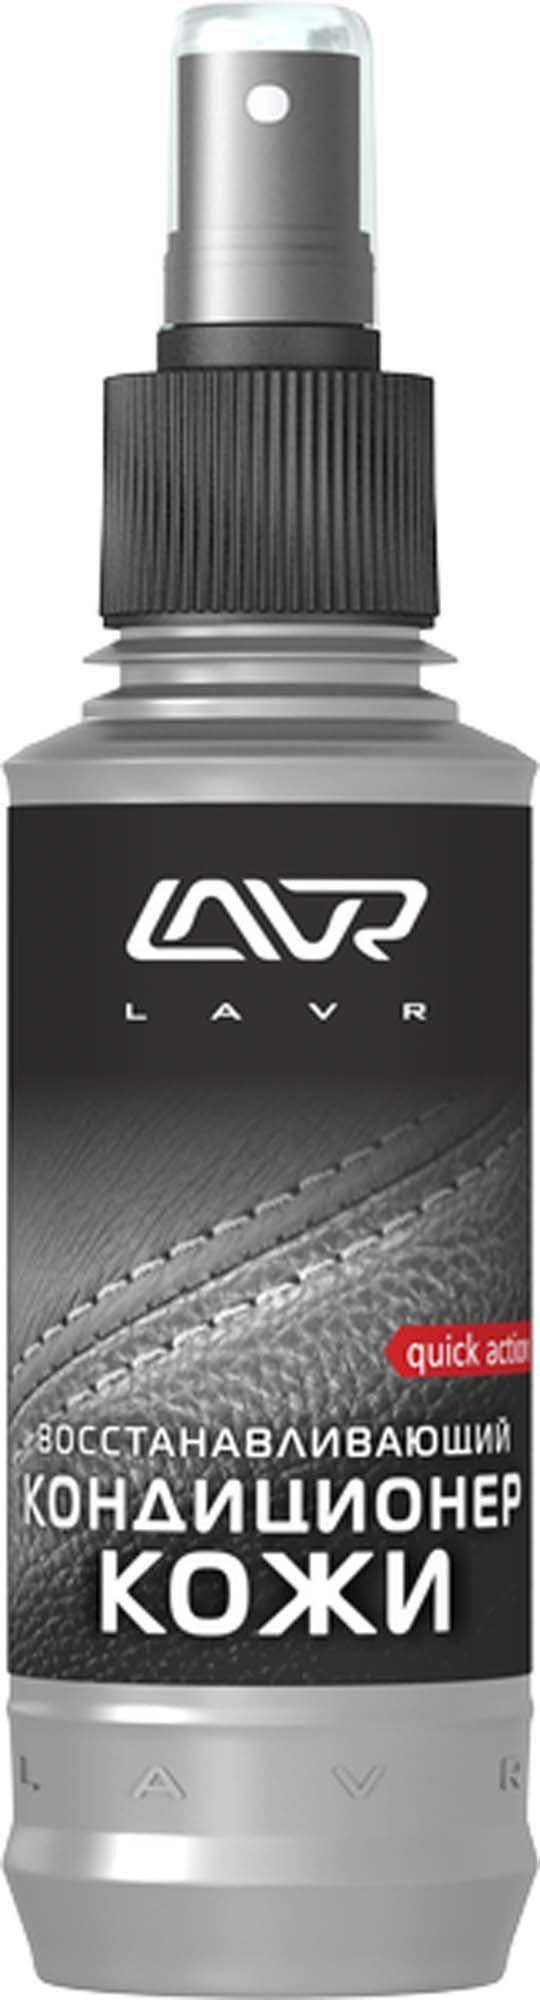 Очиститель кожи и кондиционер Lavr востанавливающий 185 мл Ln1471